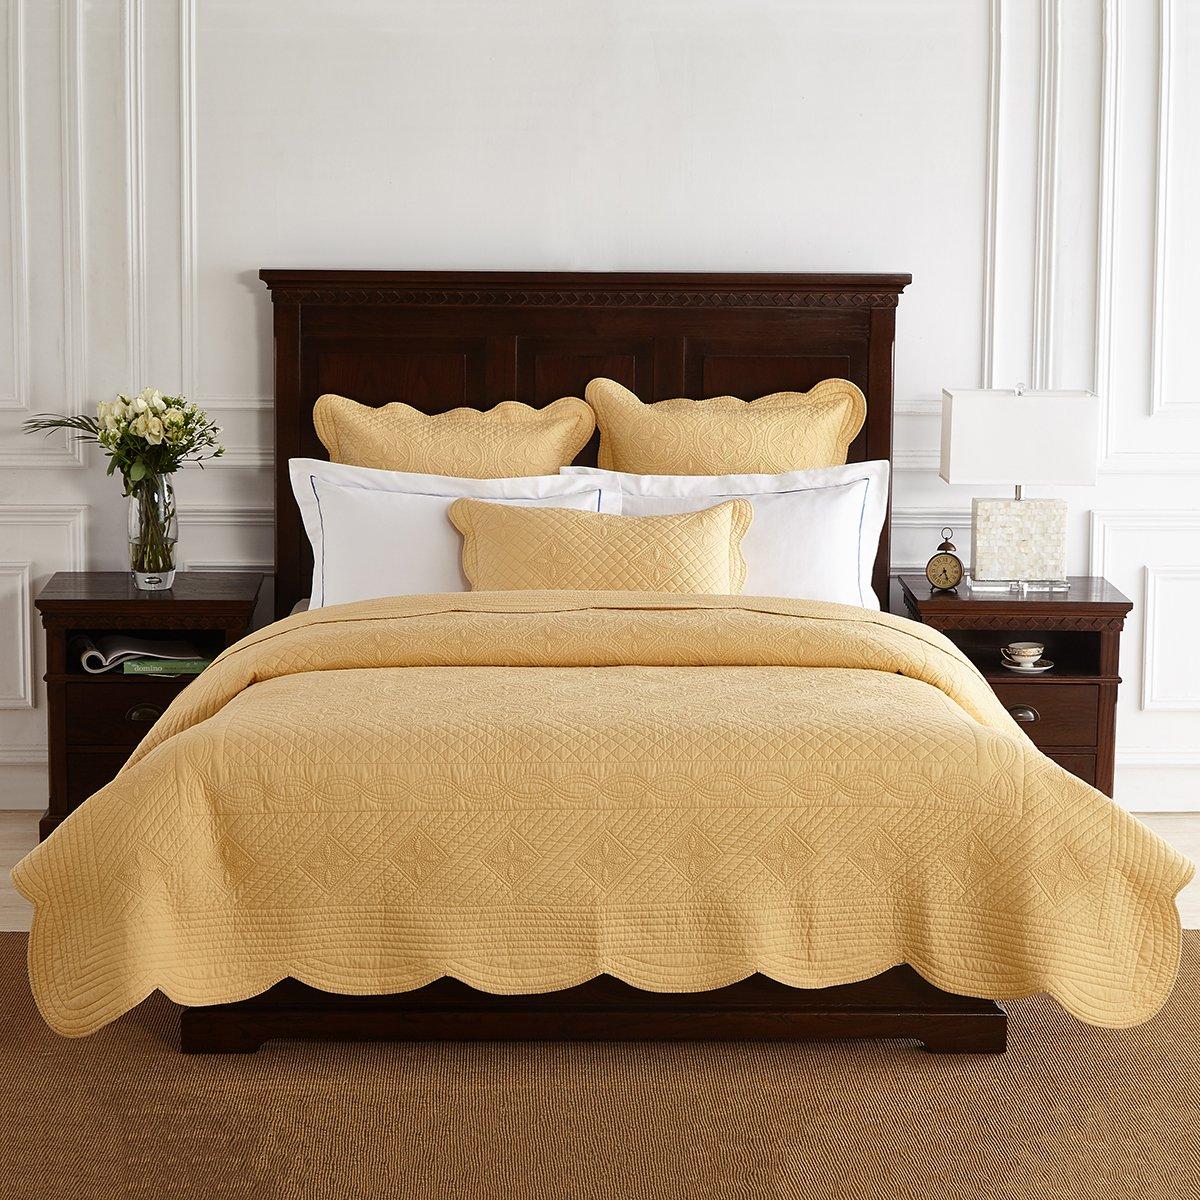 Calla Angel ES-XL7J-6ZLC Sage Garden Luxury Pure Cotton Quilt,Gold,Queen by Calla Angel